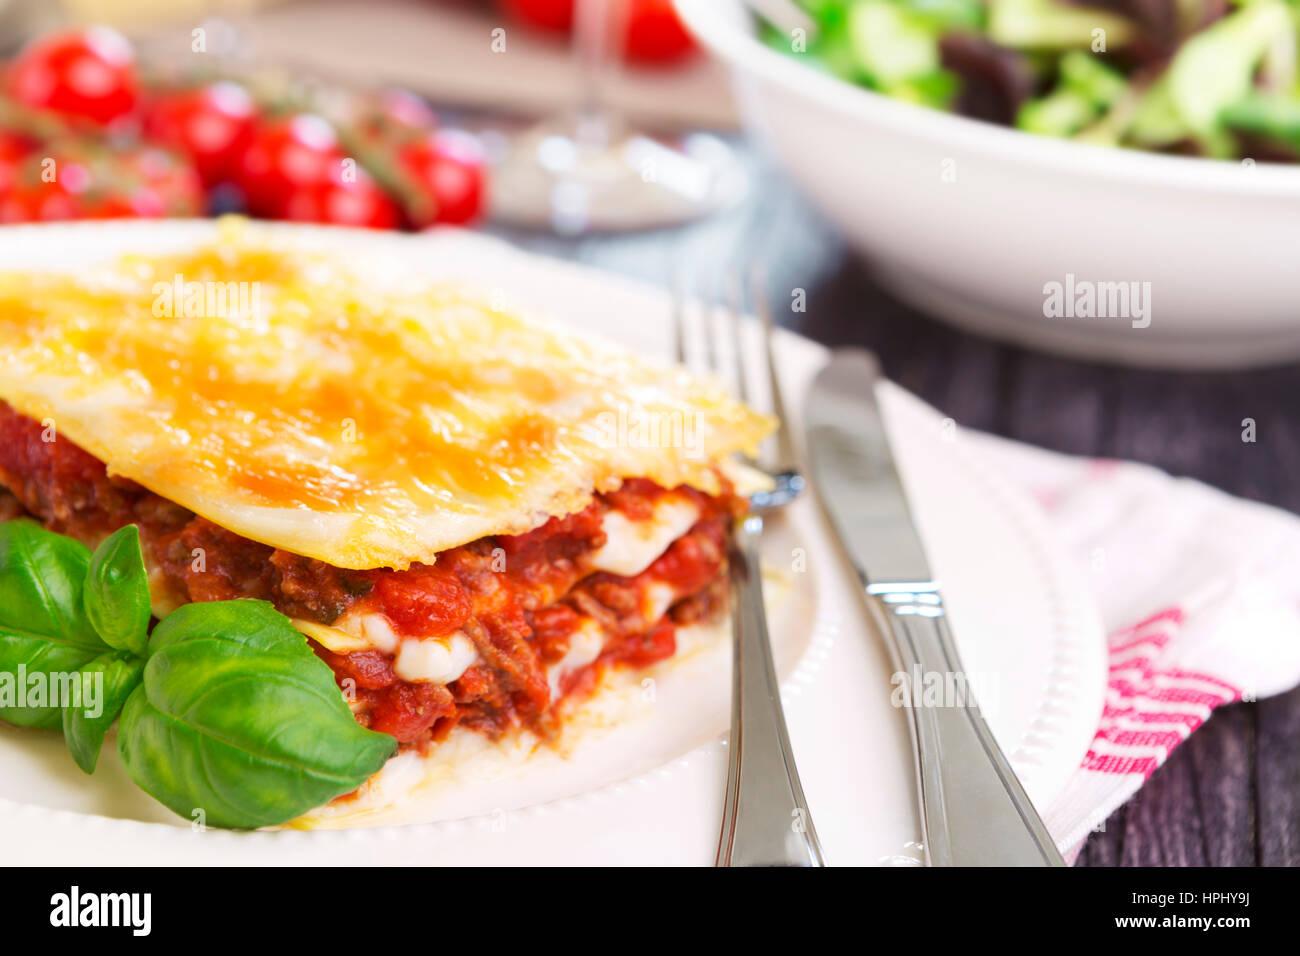 Una porzione di lasagne fatte in casa su una piastra, servito con insalata sul lato. Immagini Stock